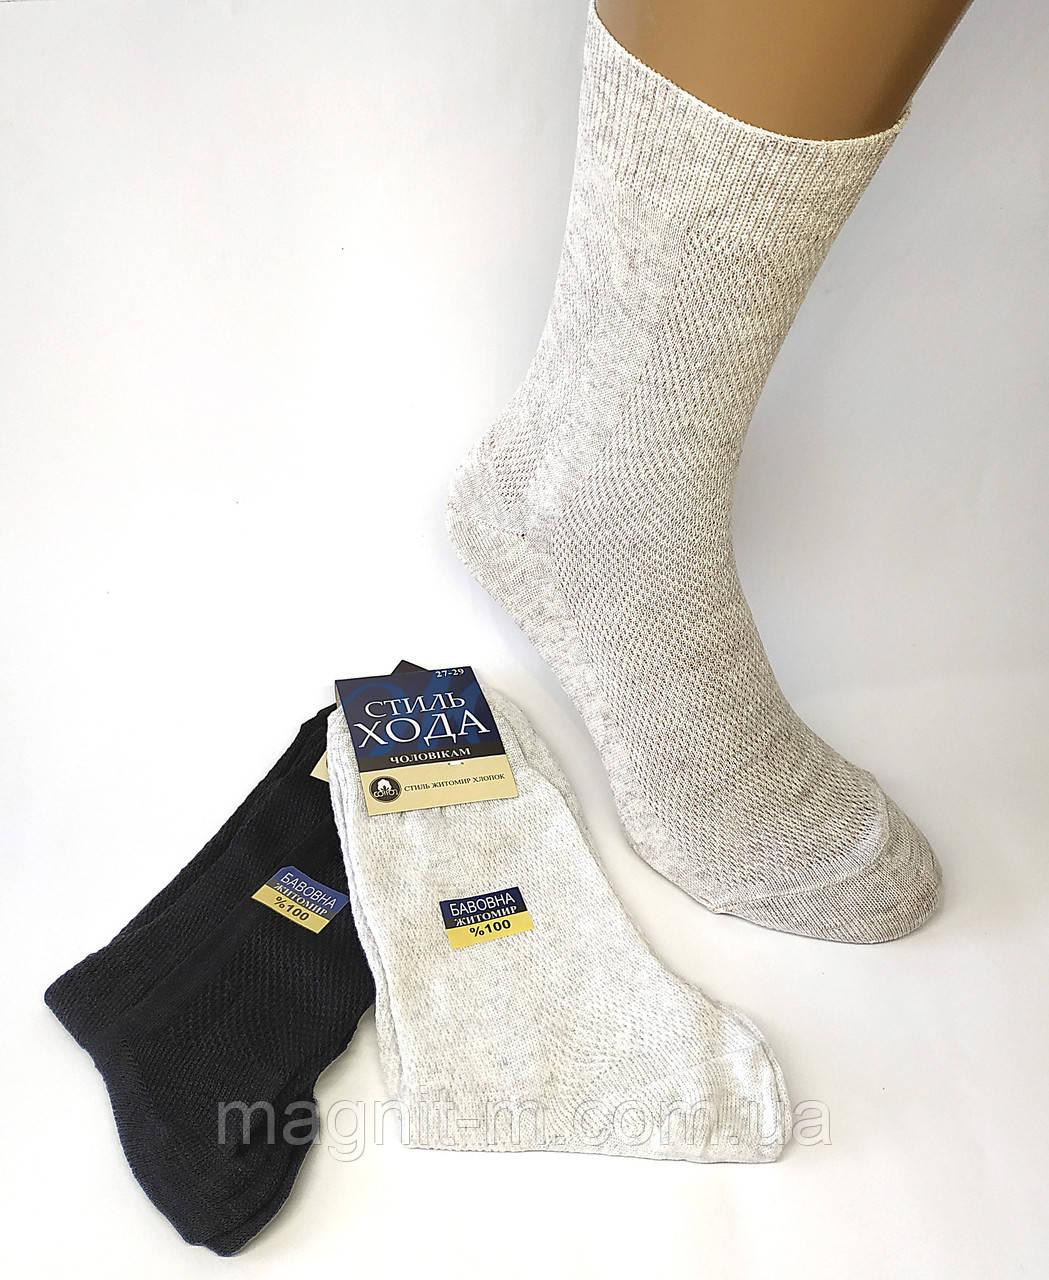 """Высокие летние носки """"Стиль хода"""". Со вставками из сетки. Р-р 27-29."""